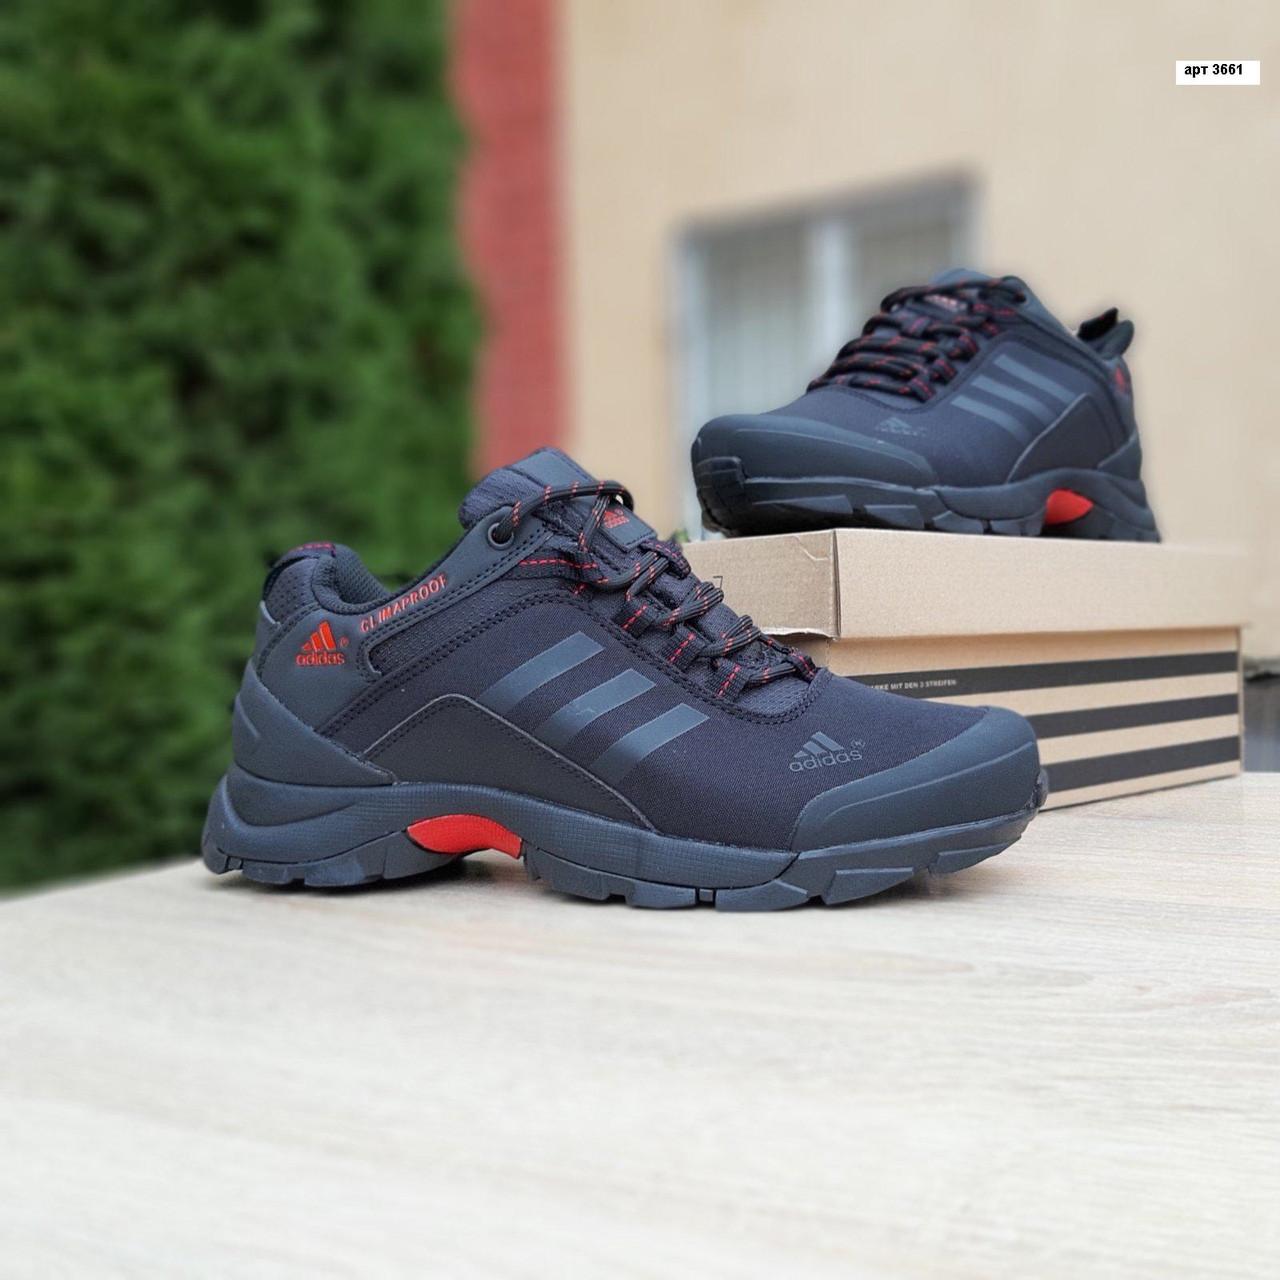 Мужские зимние кроссовки Adidas Climaproof (черно-красные) 3661